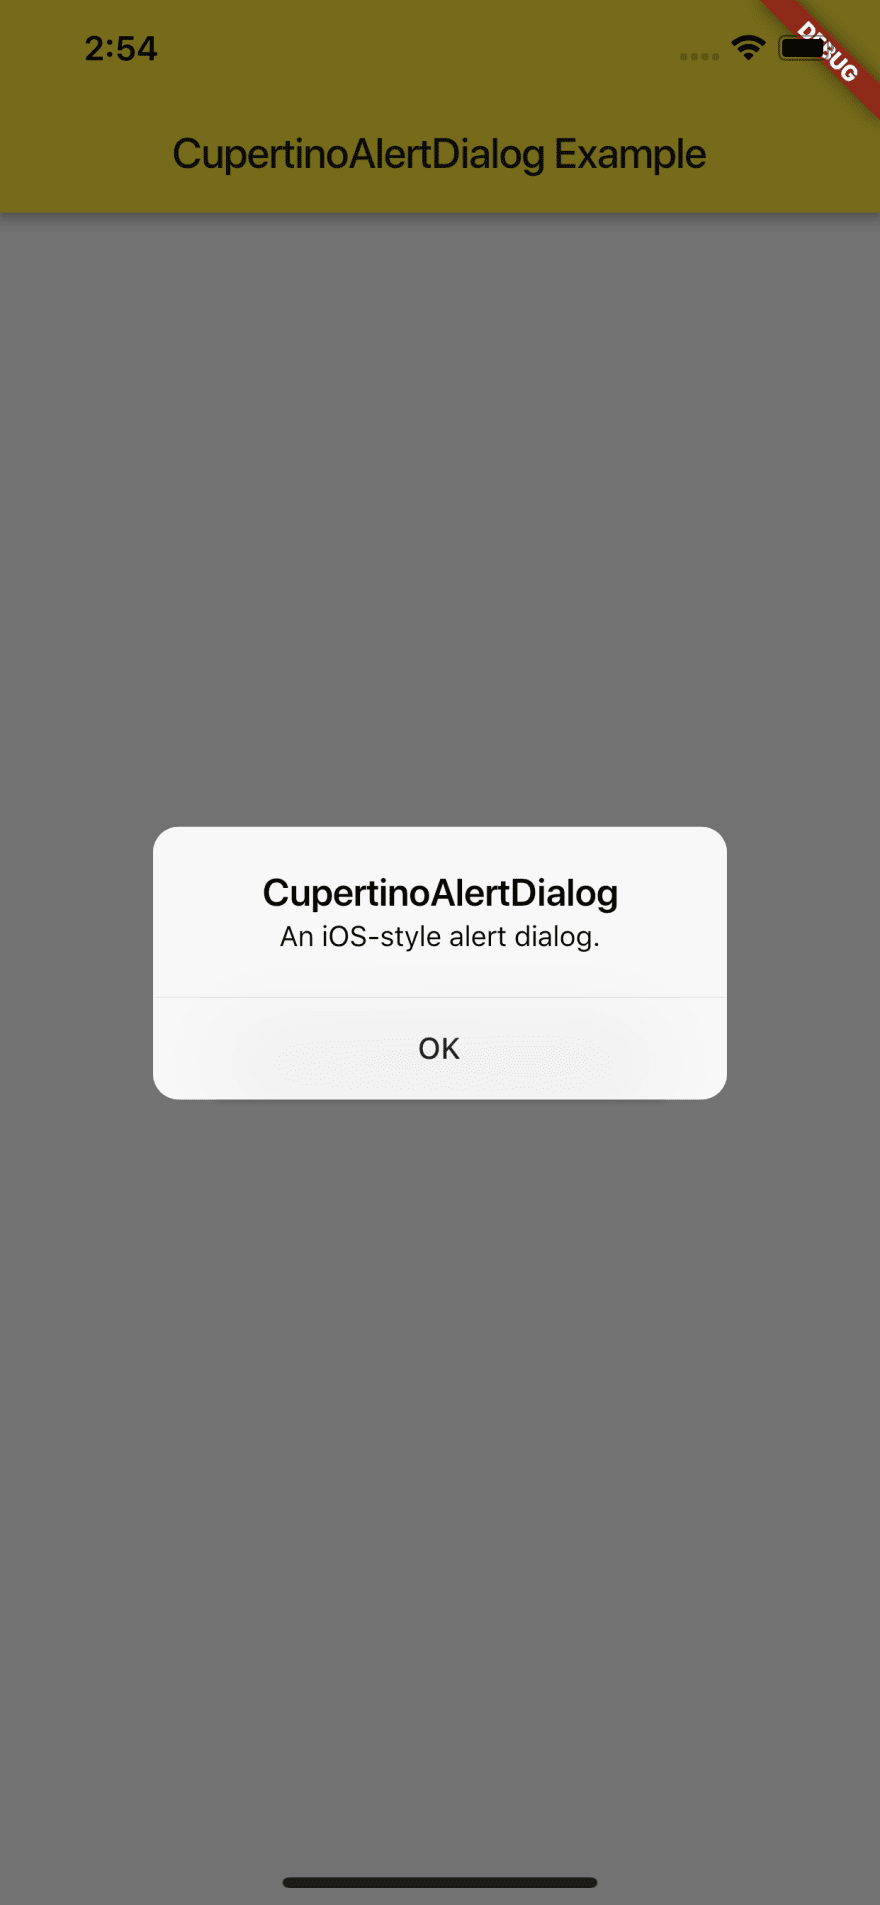 I don't know how, I don't have an iPhone    I'll check tonight if I